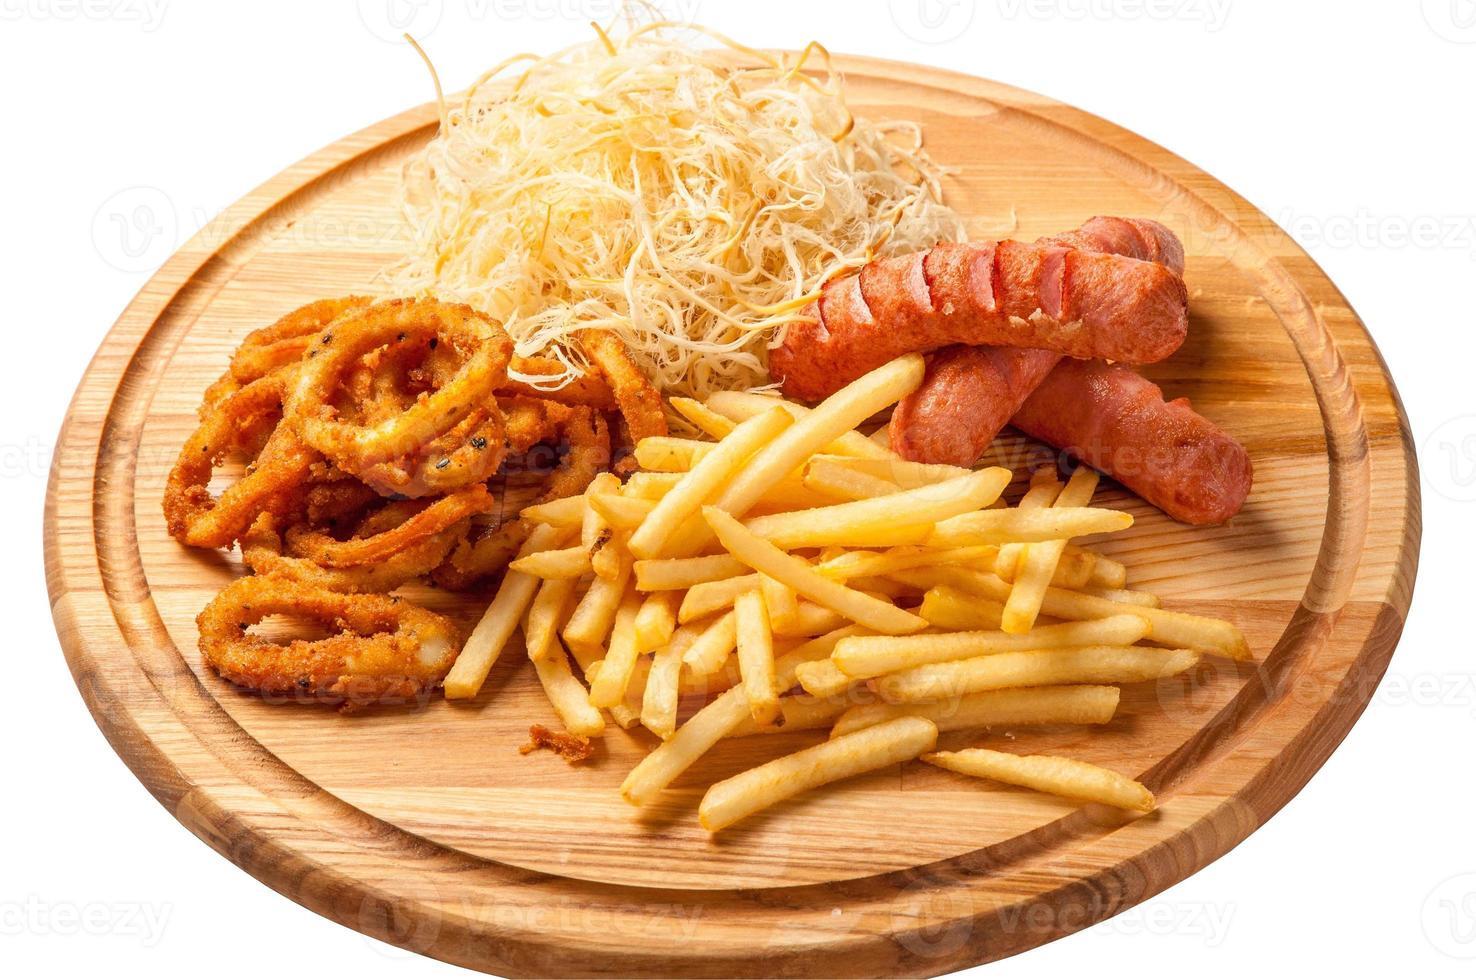 gebakken fast food - stock beeld foto